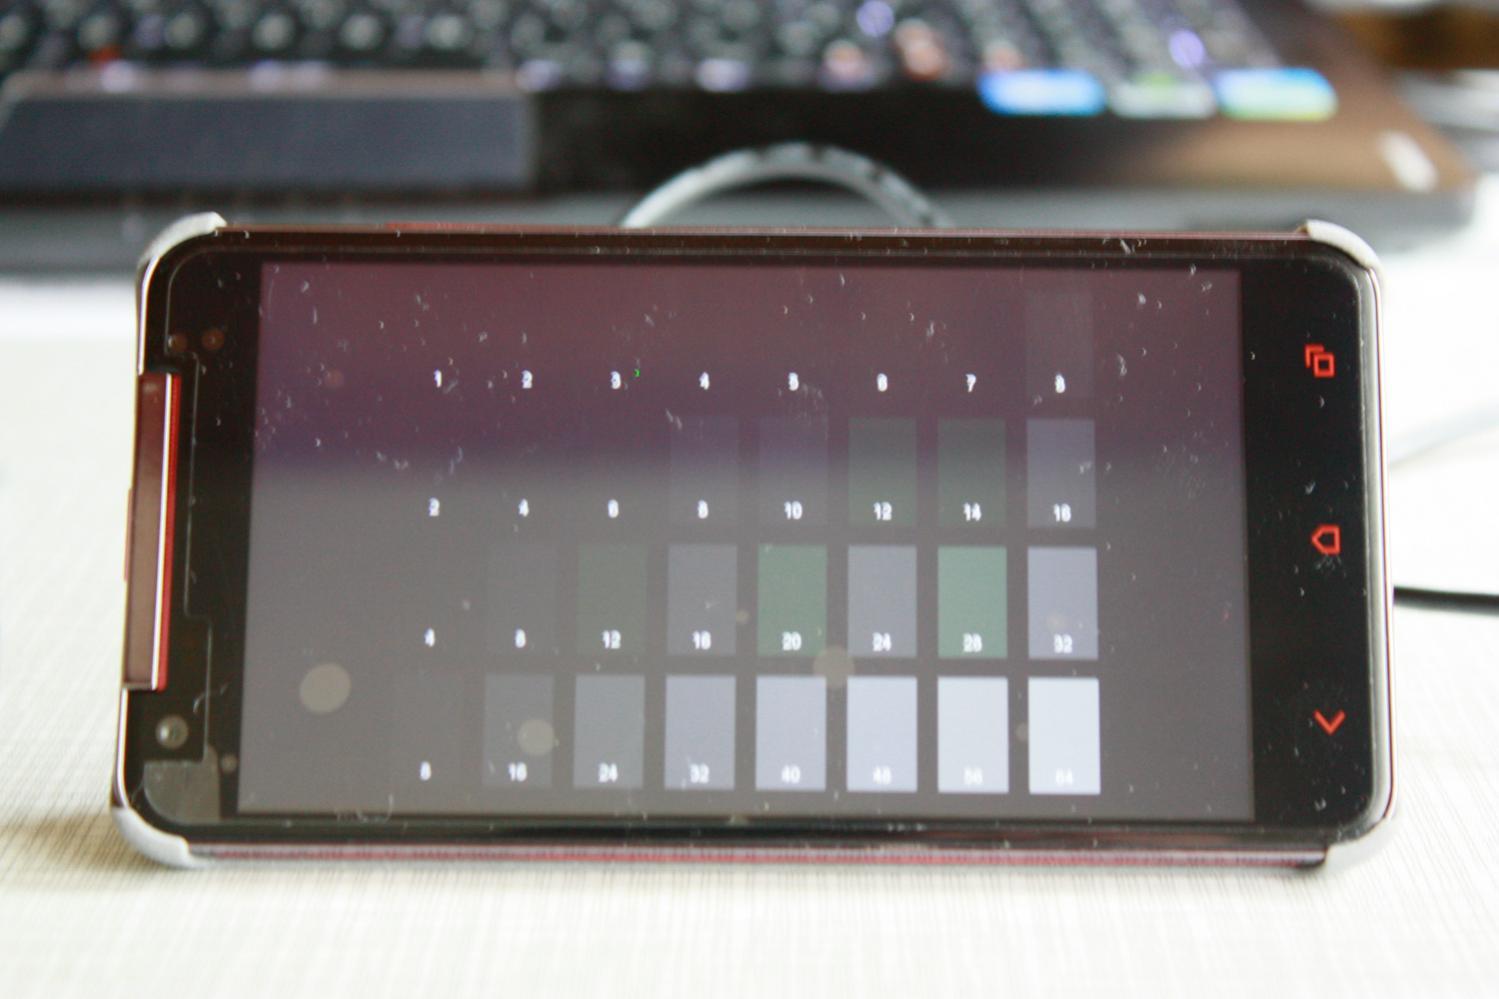 Klicke auf die Grafik für eine größere Ansicht  Name:_MG_8057.jpg Hits:515 Größe:95,8 KB ID:343600